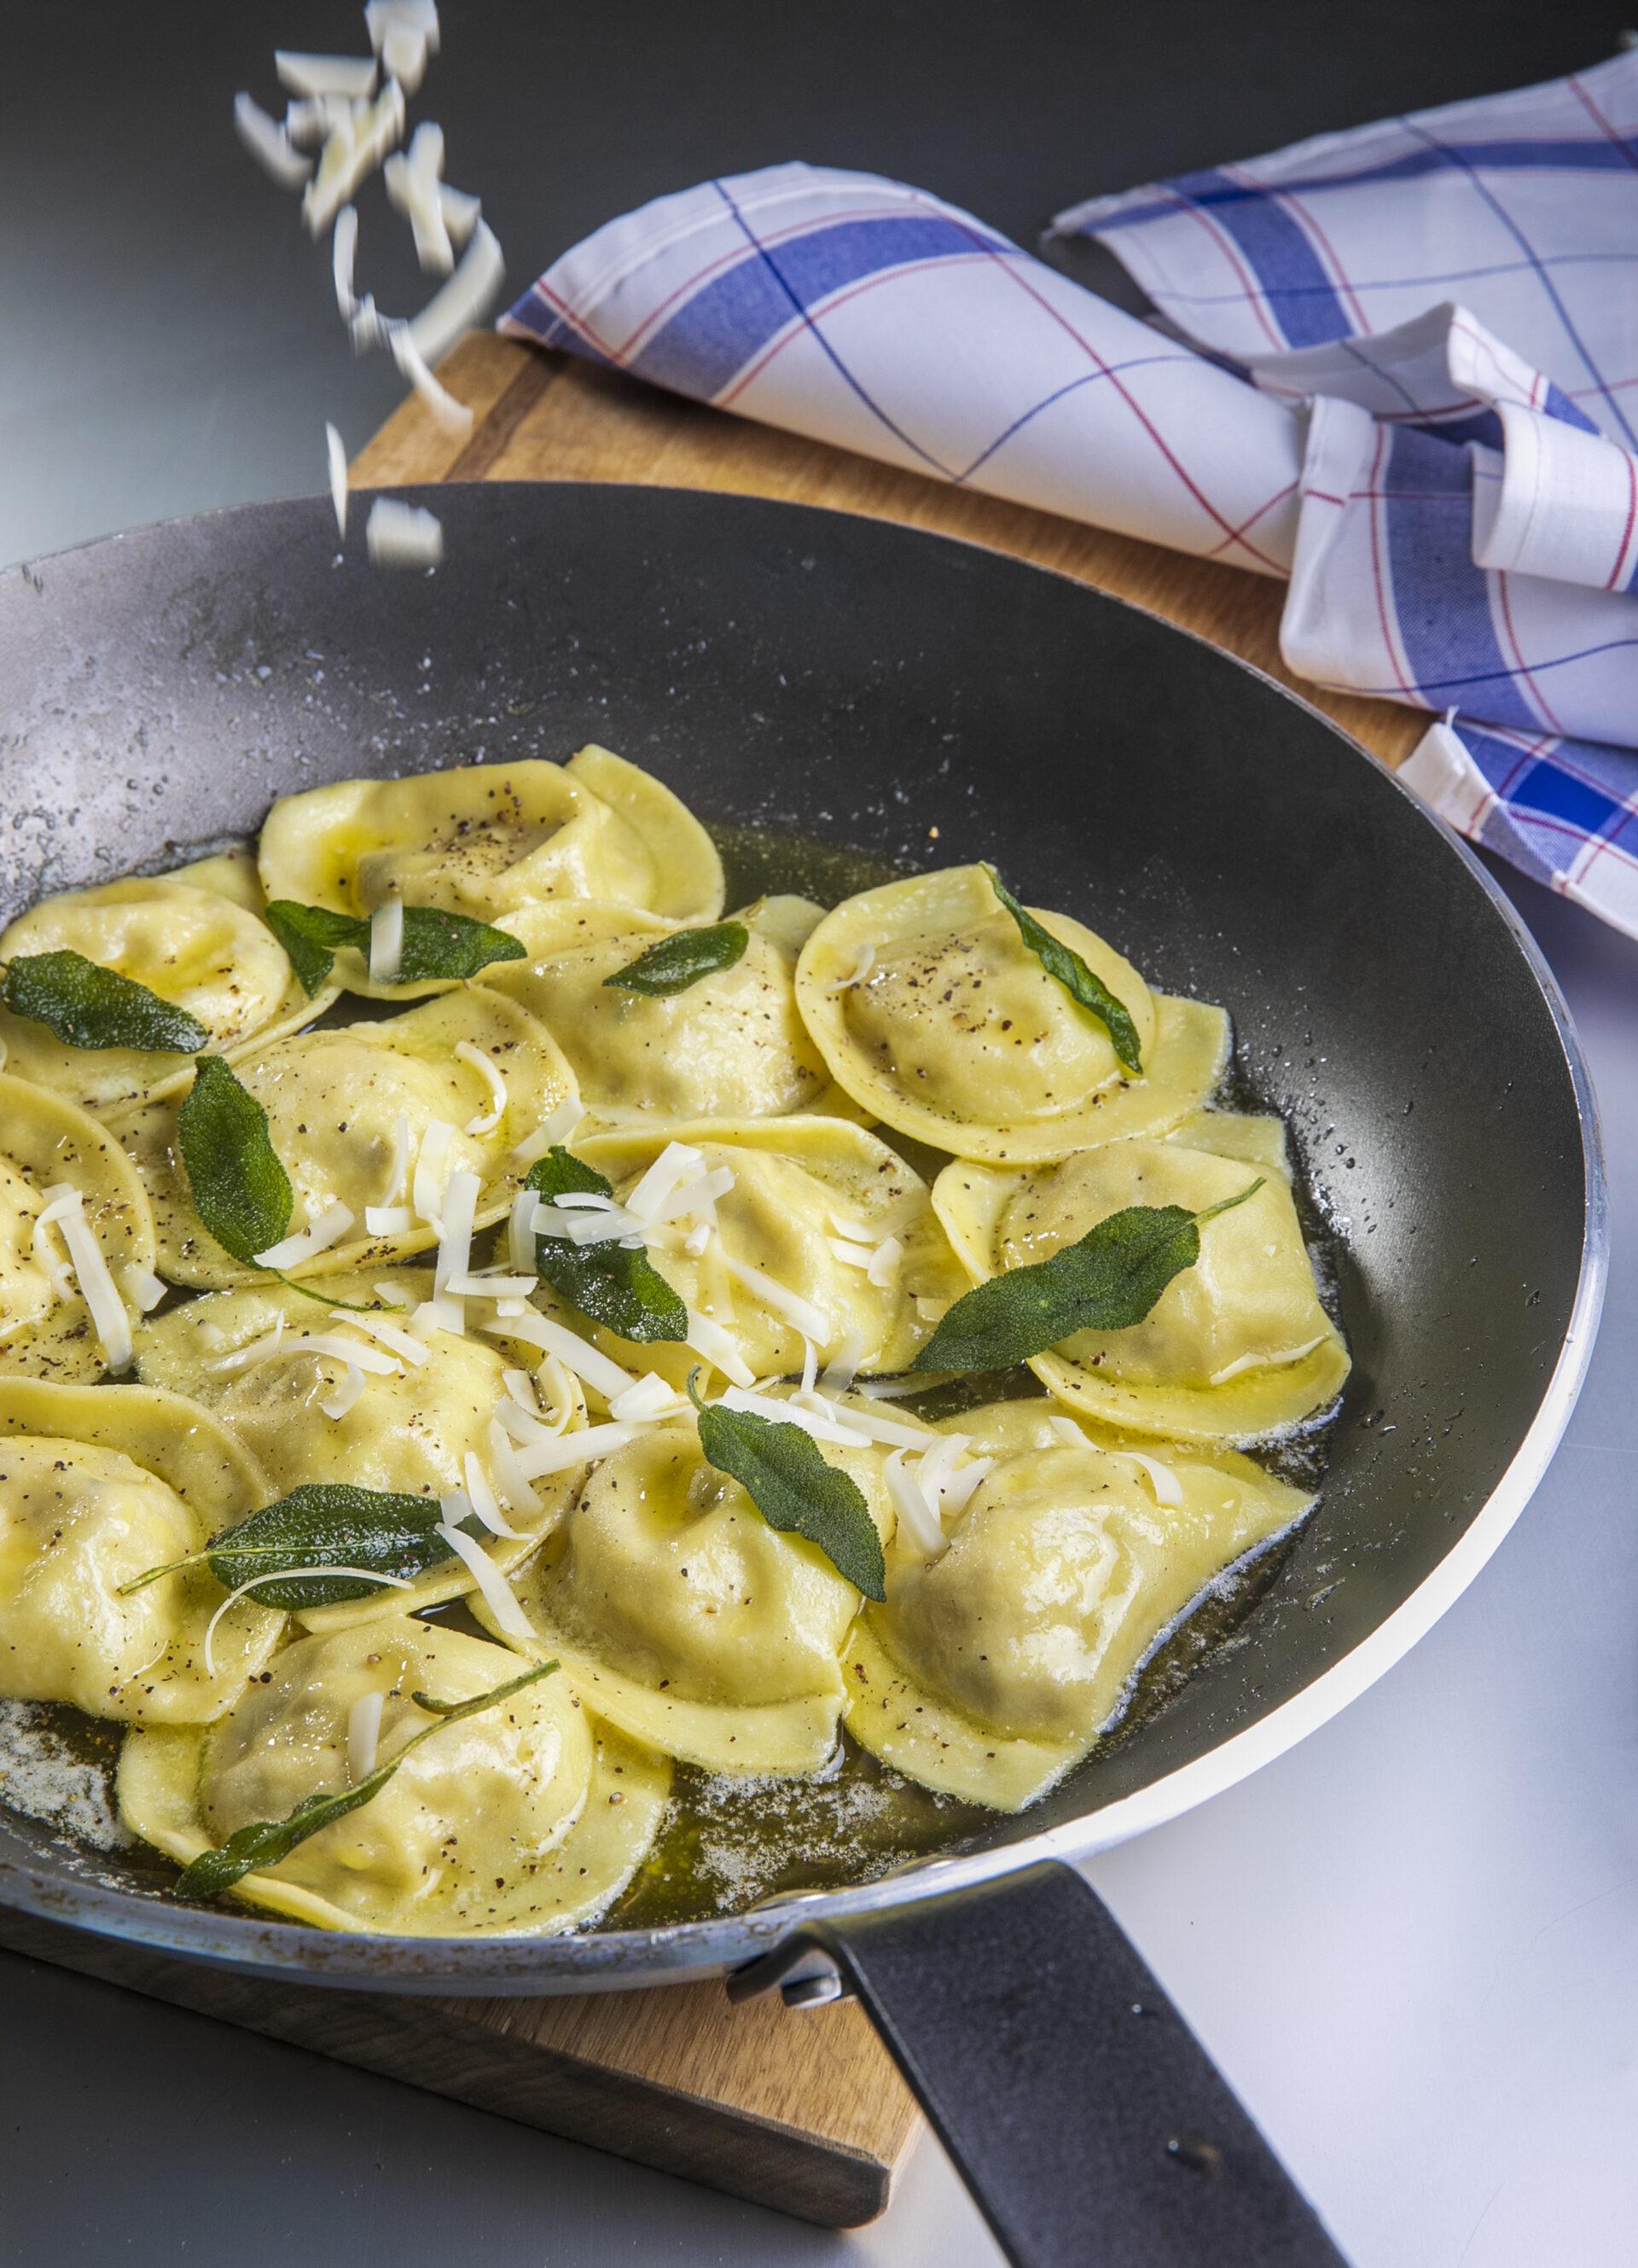 רביולי ארטישוק וגבינות ברוטב חמאה ומרווה